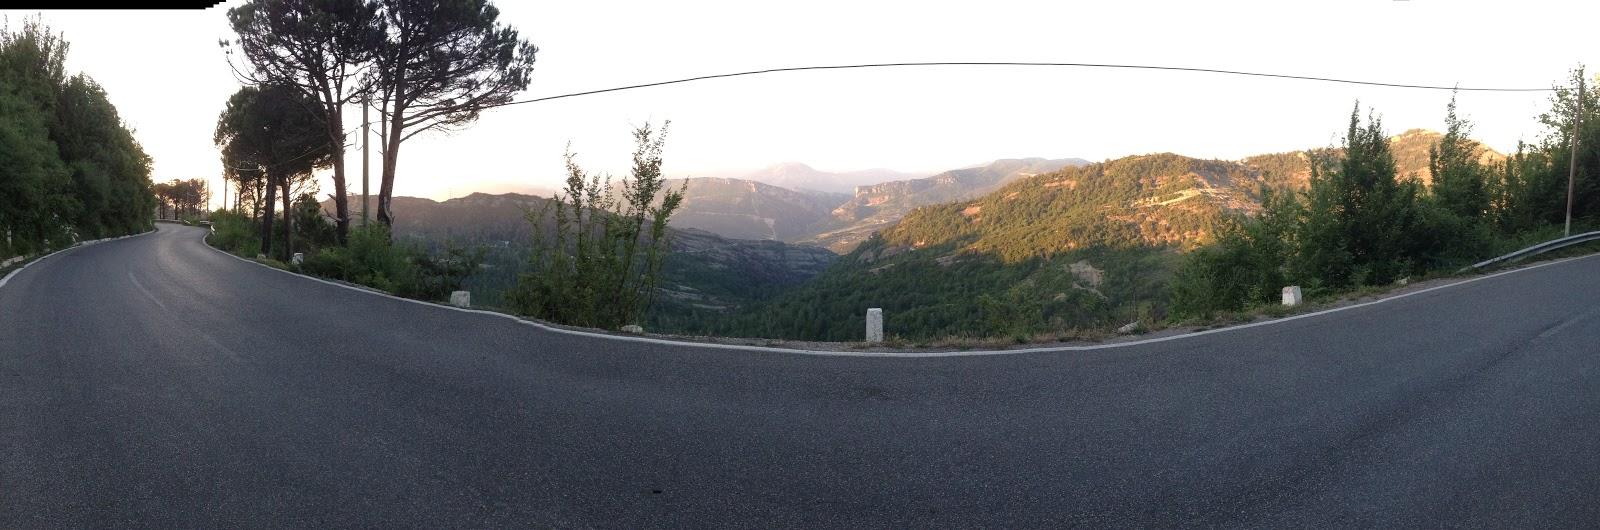 Day 14 – 2013-06-07 - Shkodër to Elbasan - IMG_0971.JPG